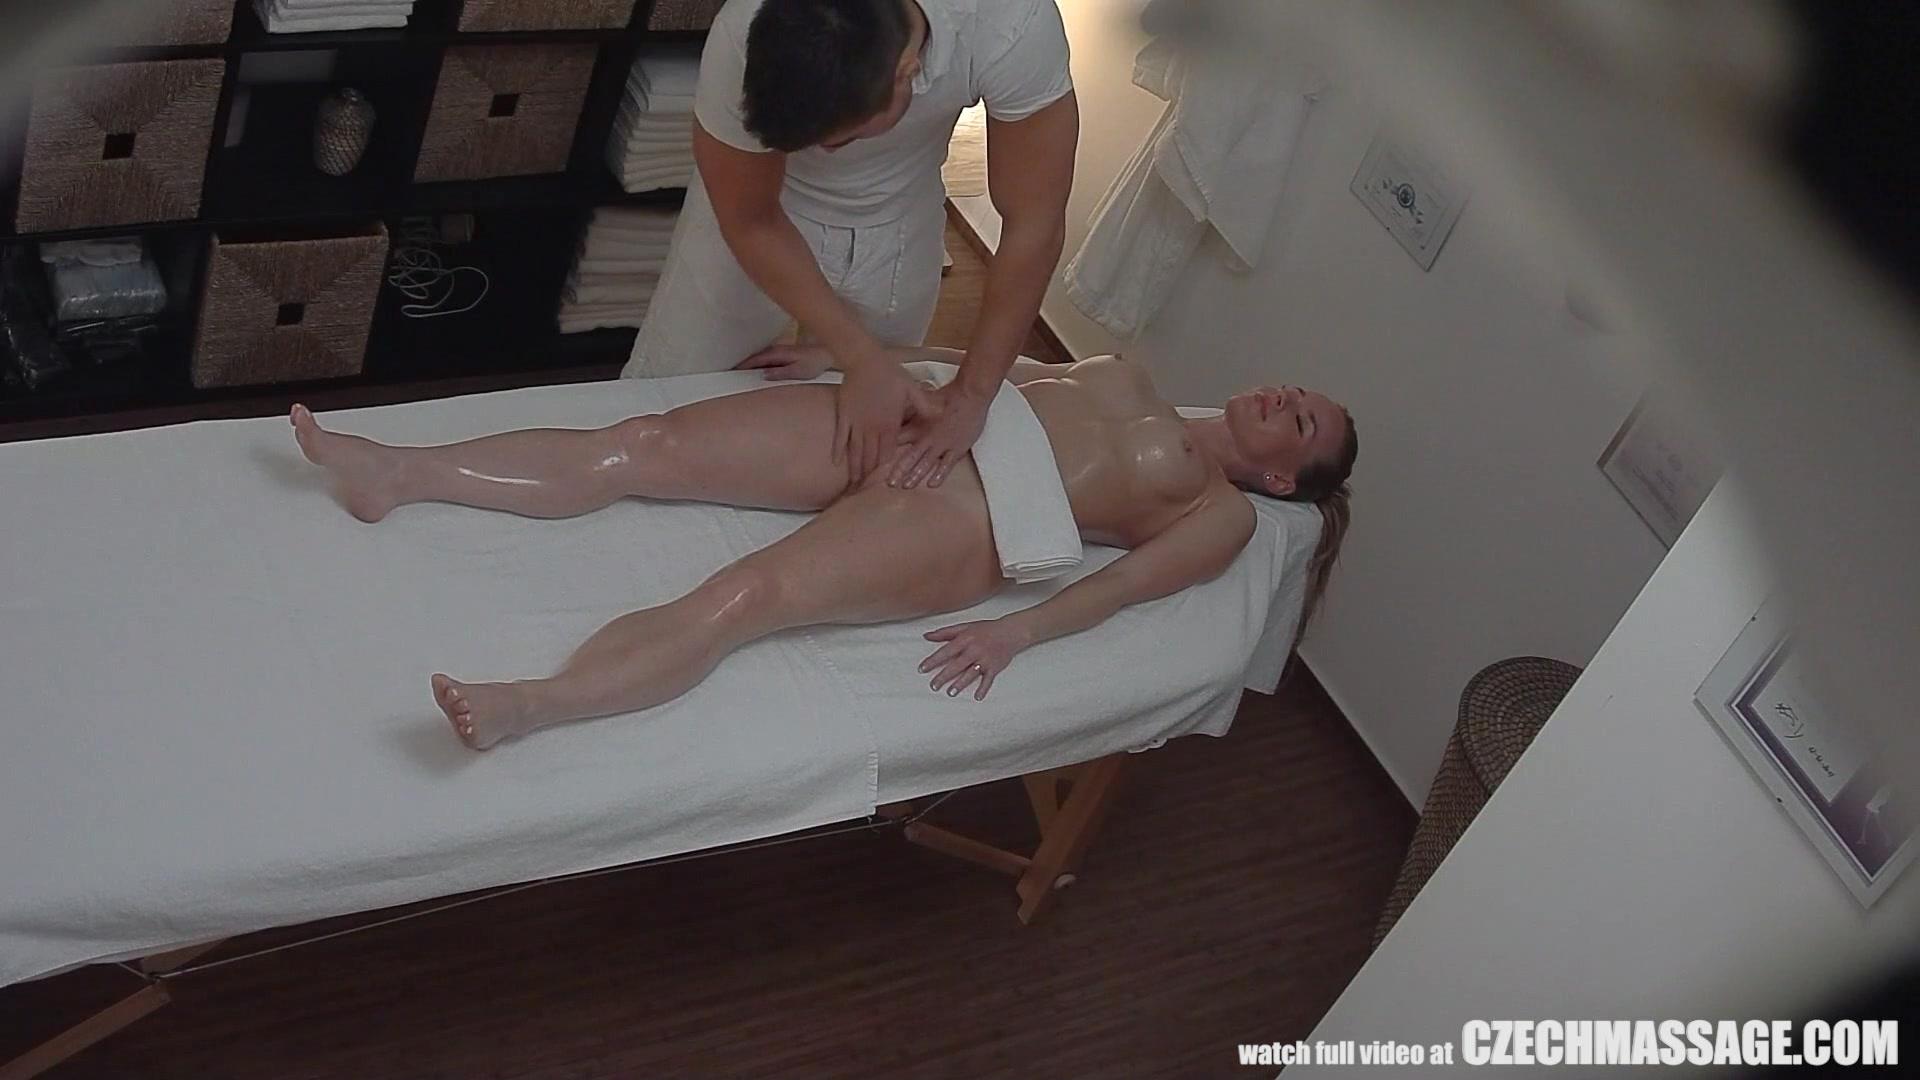 был скрытый камера массажном салоне женщин зовут сергей, мне